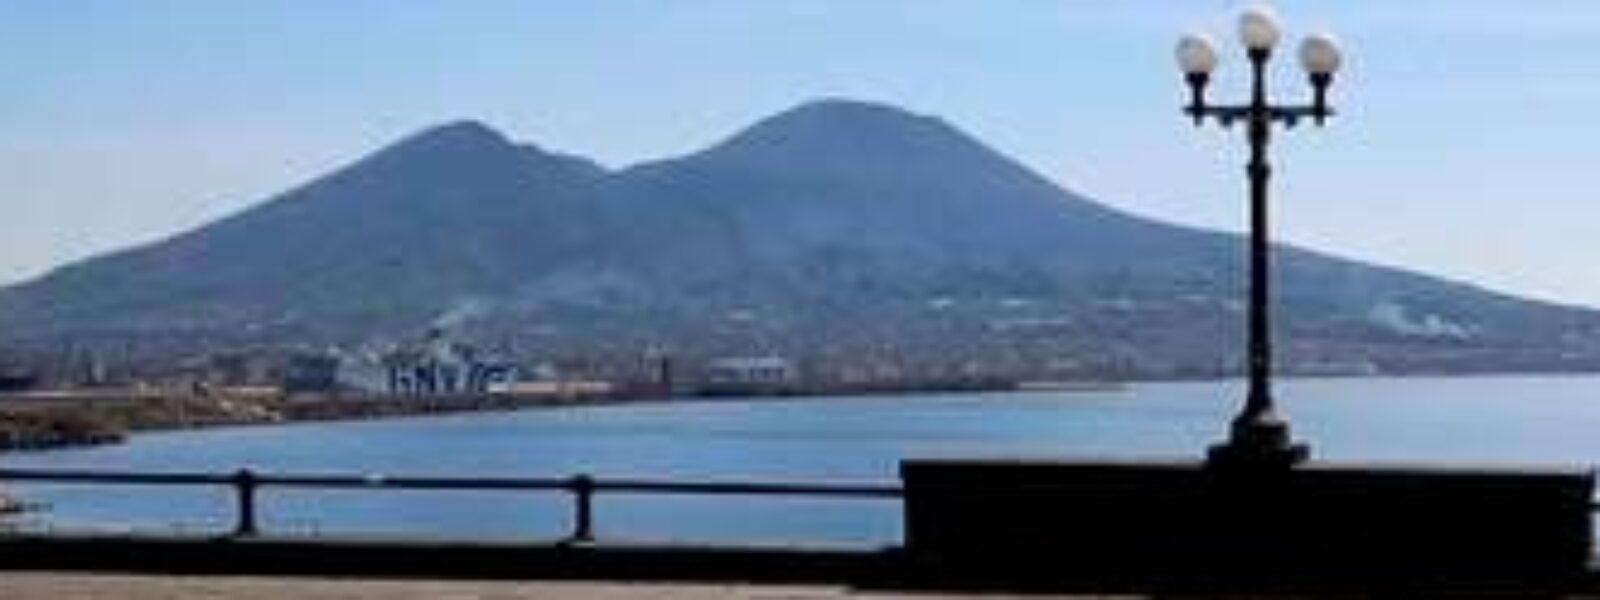 """Turisti, adesso seguite il consiglio di Debray: """"Lasciate perdere Venezia e andate a Napoli"""""""